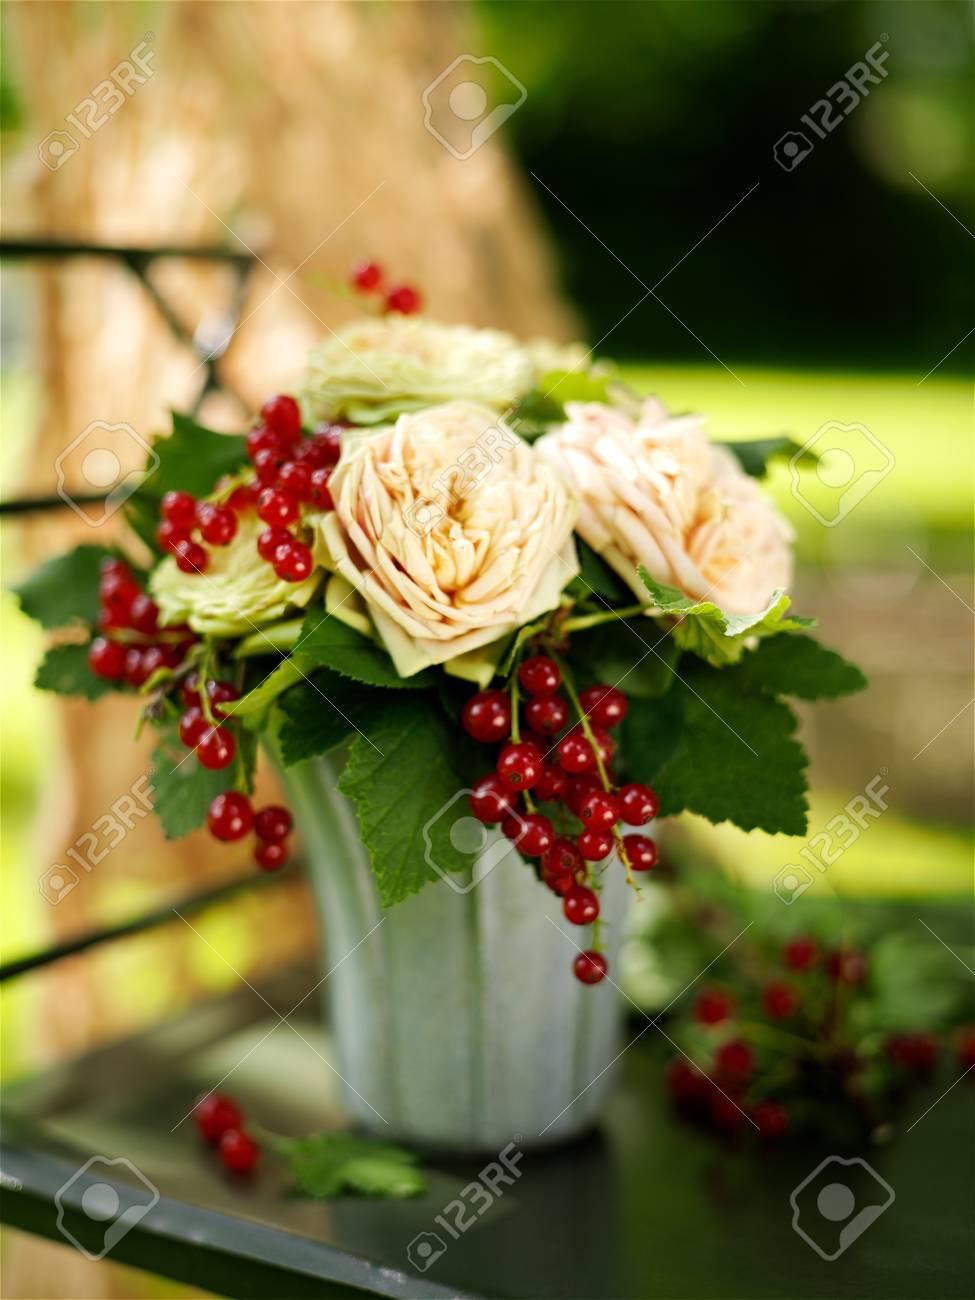 Arreglo Floral De Rosas Y Grosellas En Mesa De Jardín